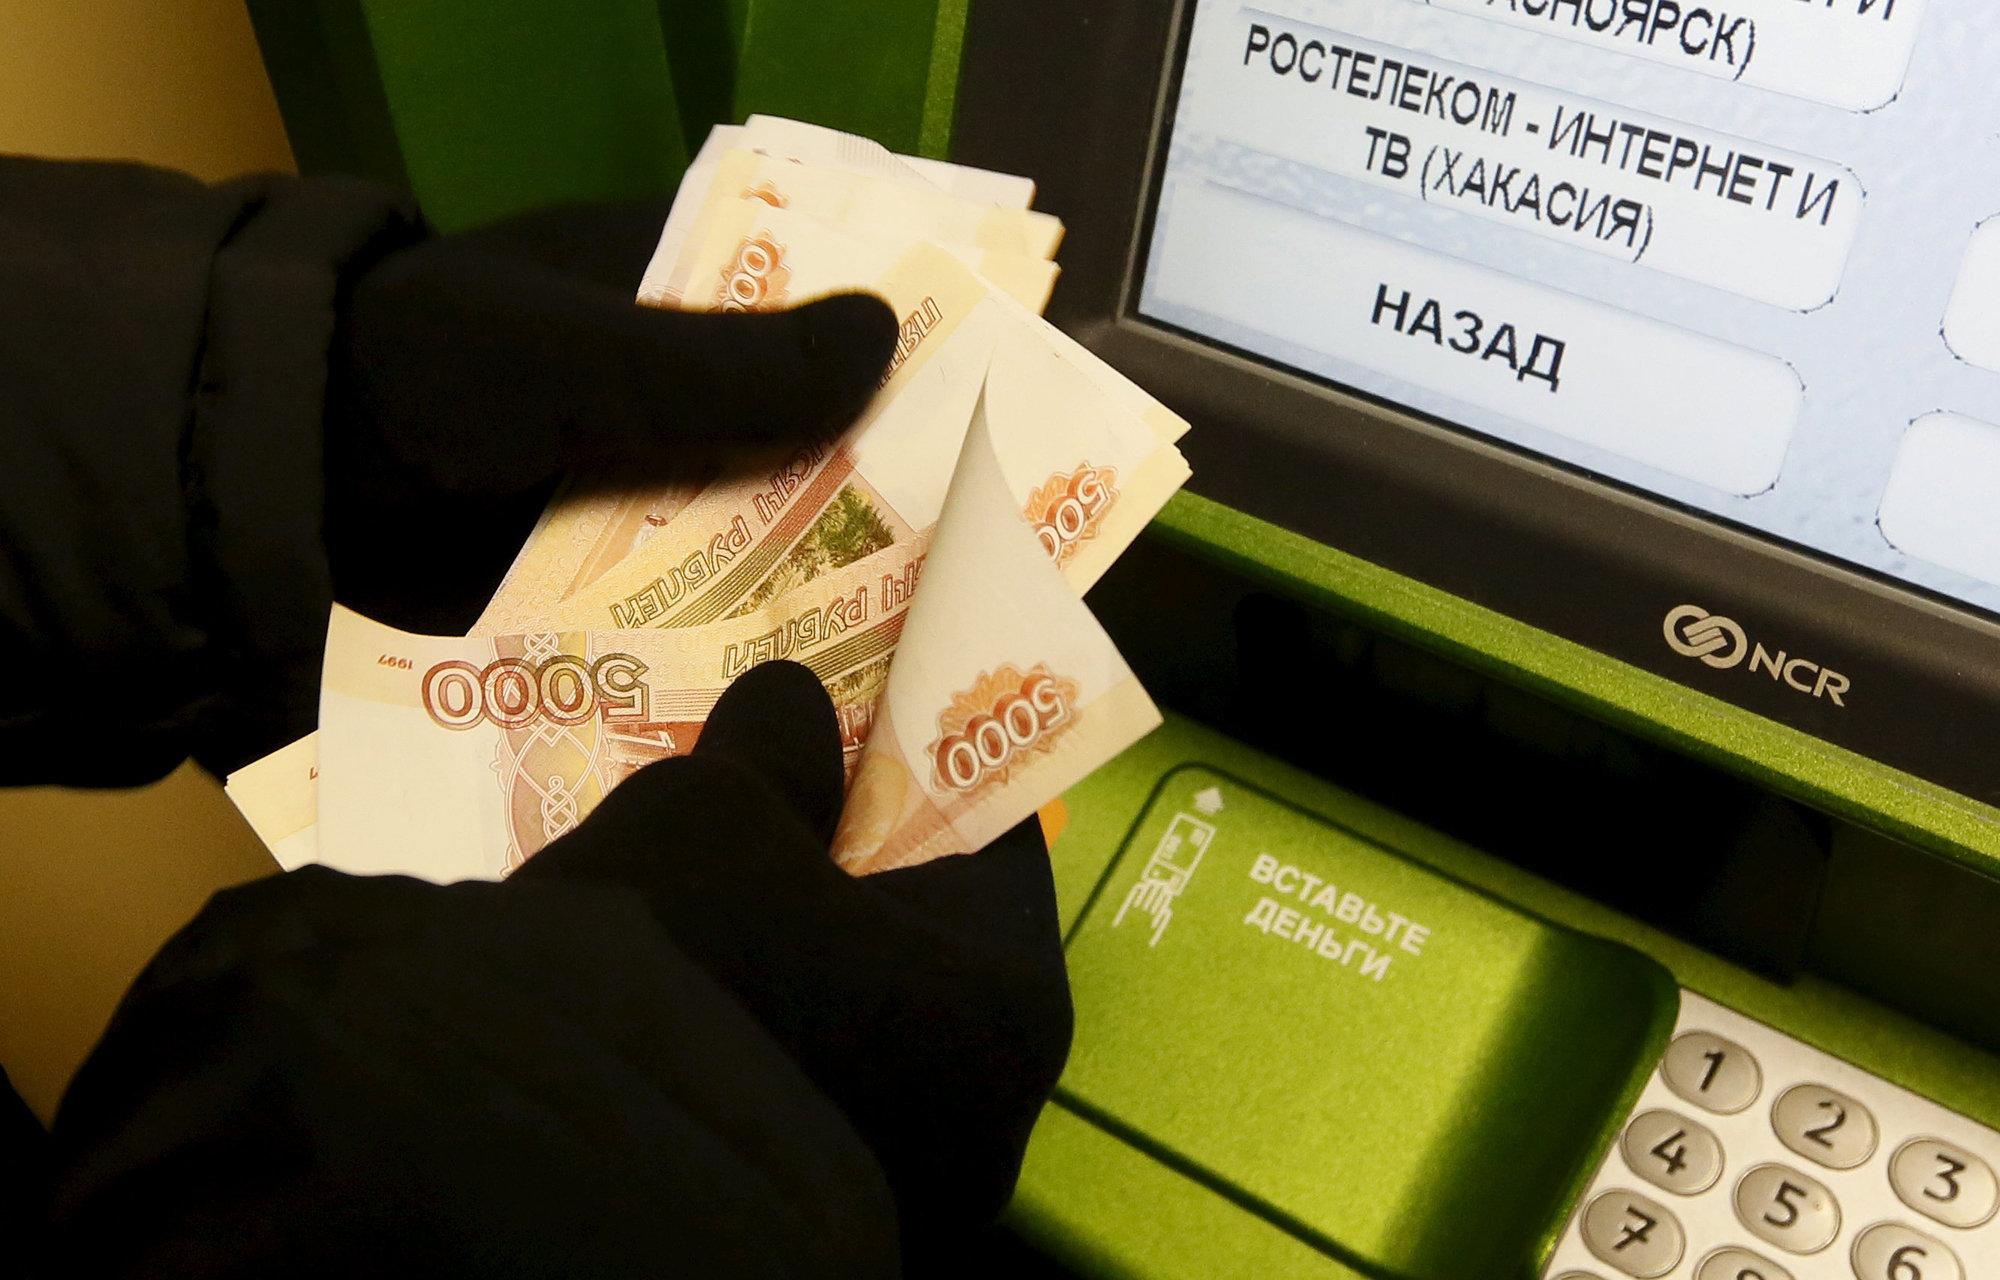 Русские боятся жалости и к деньгам относятся соответственно